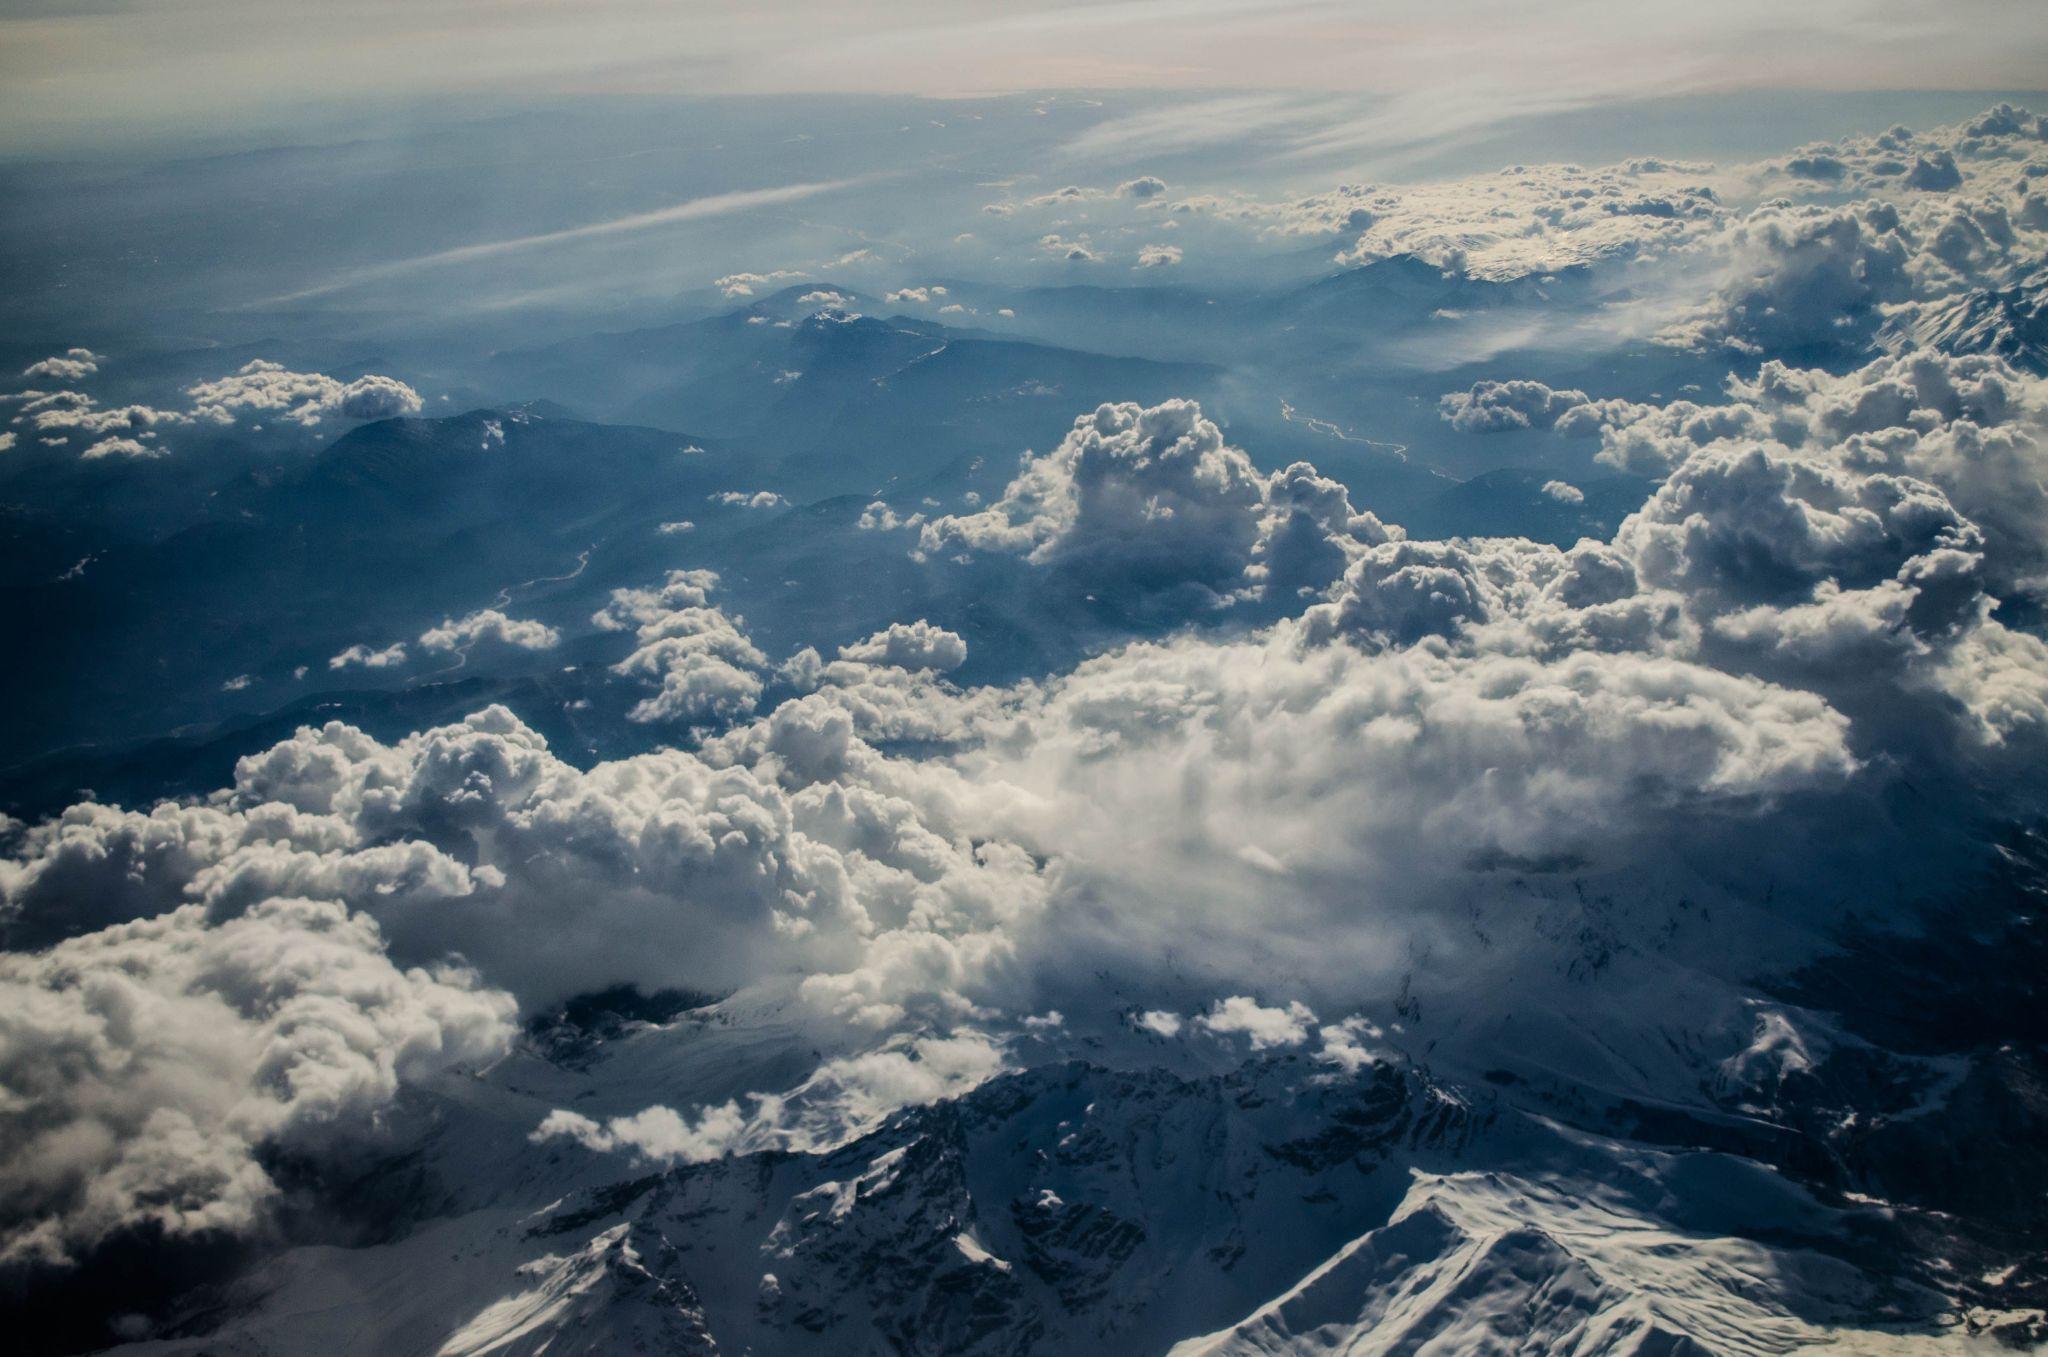 蜜桃少女_有什么云层照片的壁纸? - 知乎